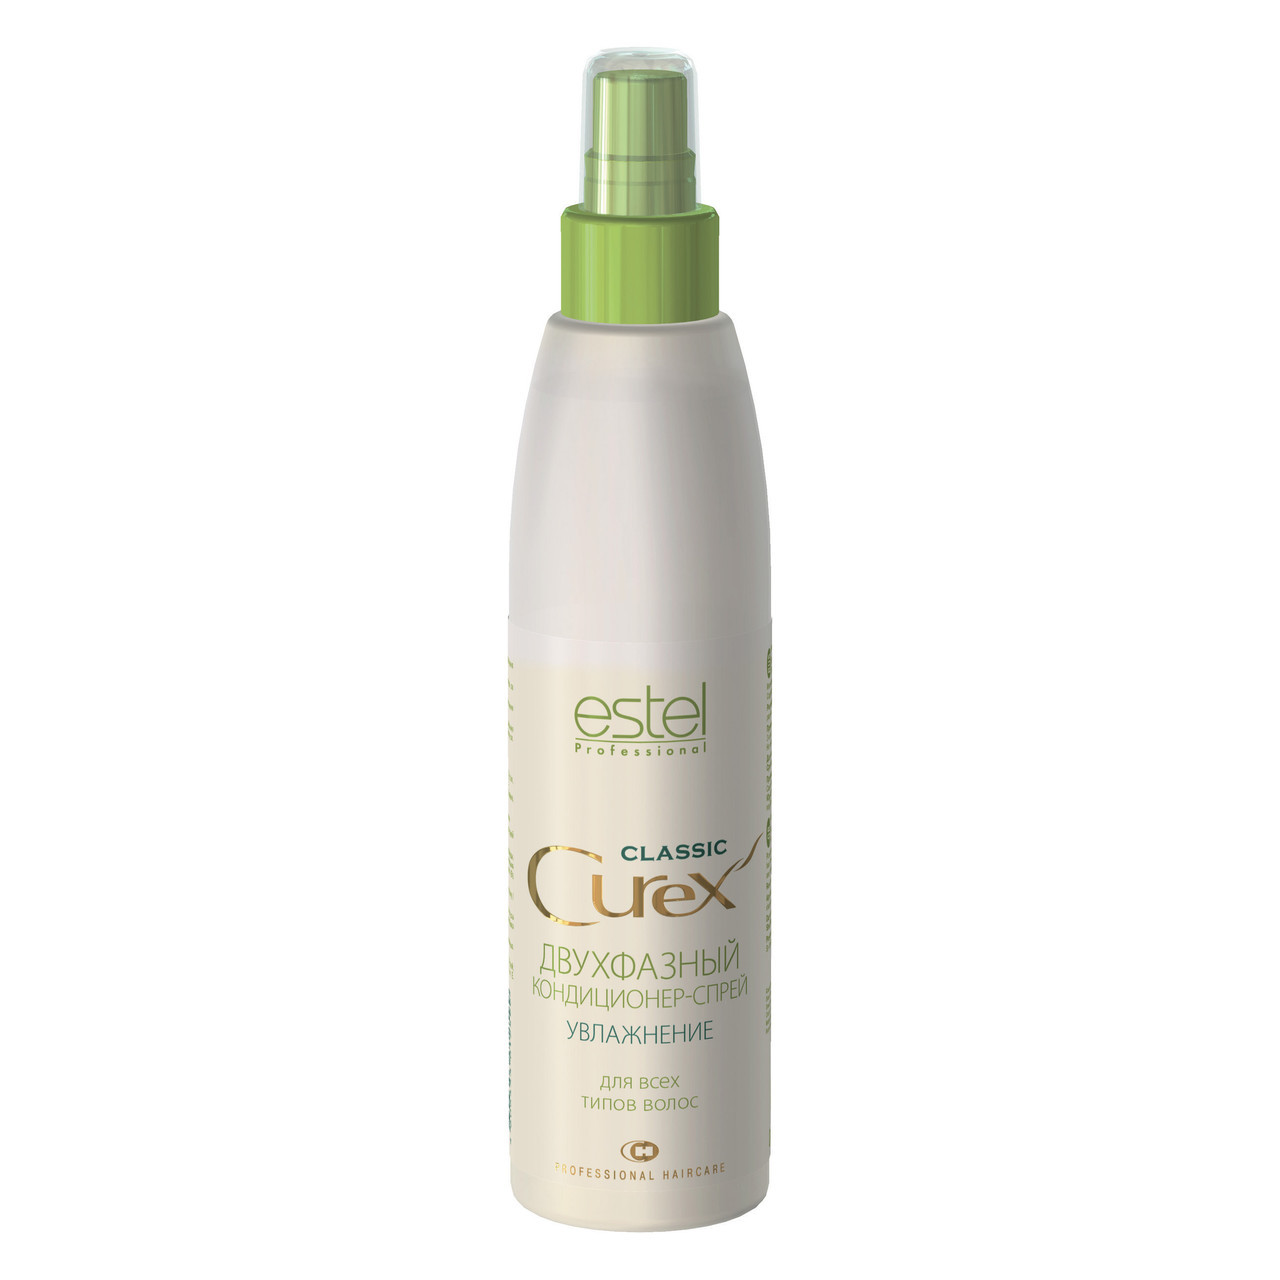 Эстель Двухфазный кондиционер-спрей для волос увлажнение и питание Estel Curex Classic